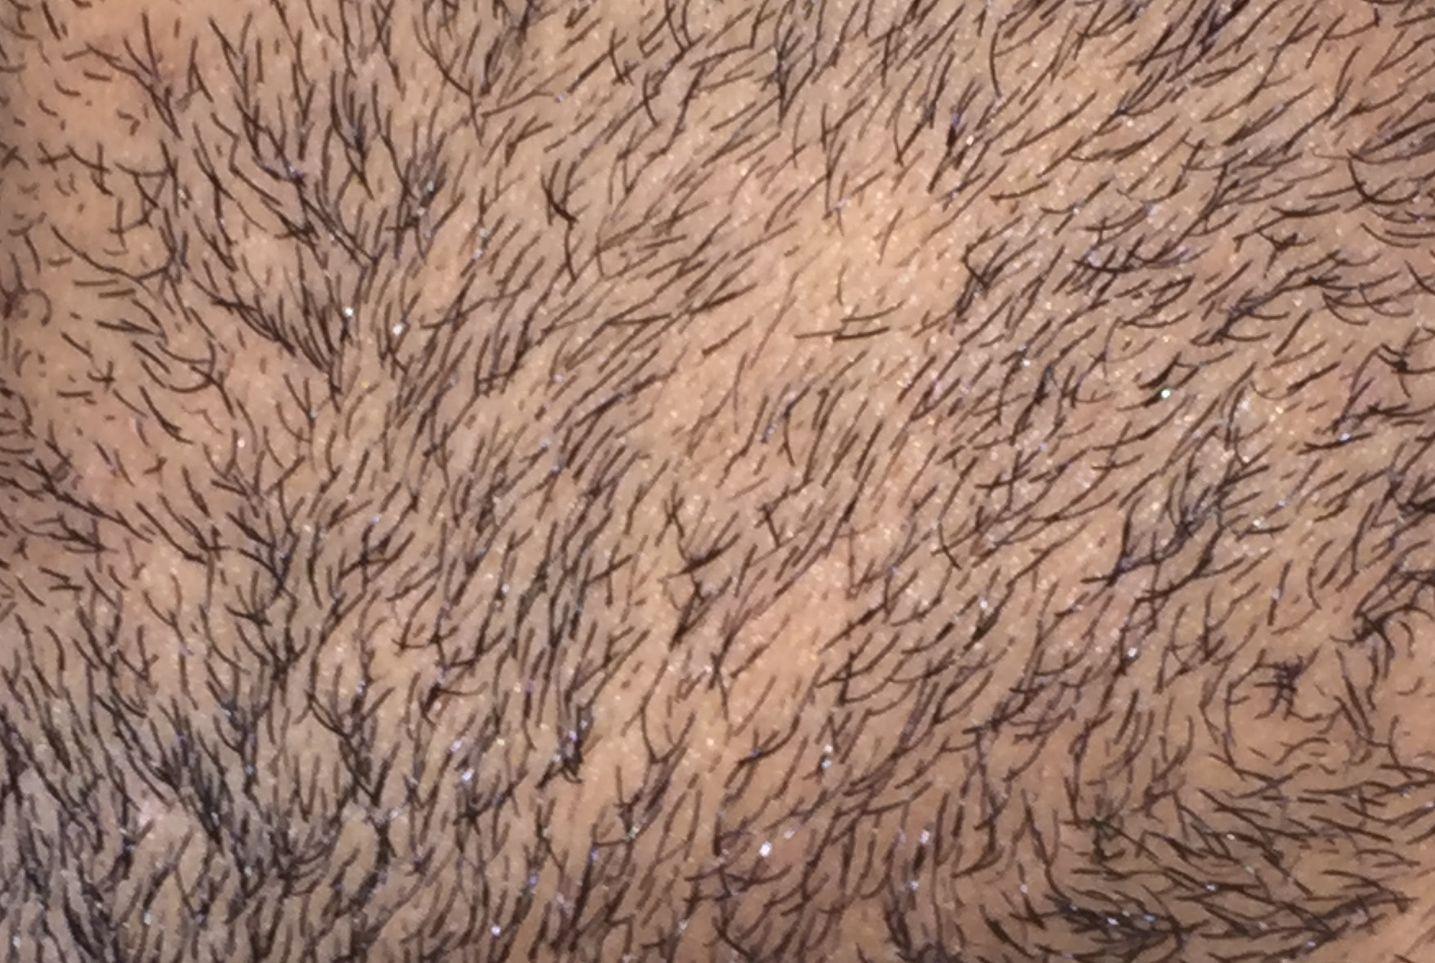 bald-spot-beard-alopecia-areata-barbae-4